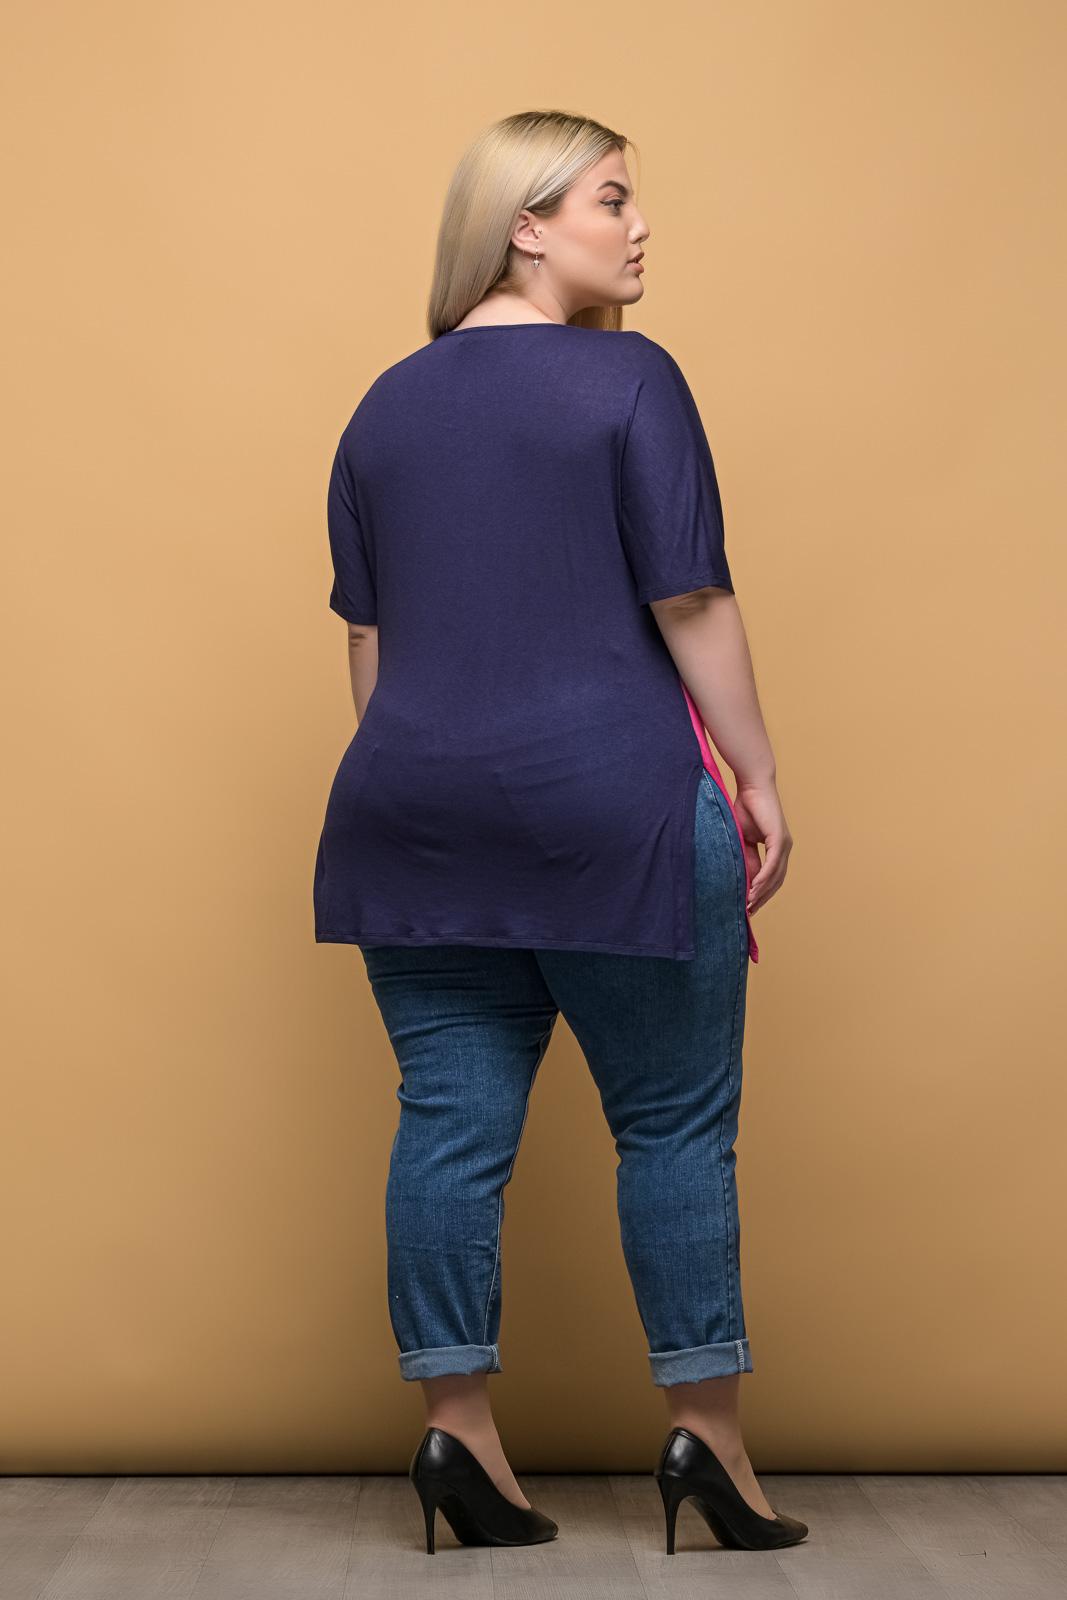 Μπλούζα μεγάλα μεγέθη ασύμμετρη σε τριχρωμία/μπλε με V στο λαιμό.Στο eshop μας θα βρείτε οικονομικά γυναίκεια ρούχα σε μεγάλα μεγέθη και υπερμεγέθη.